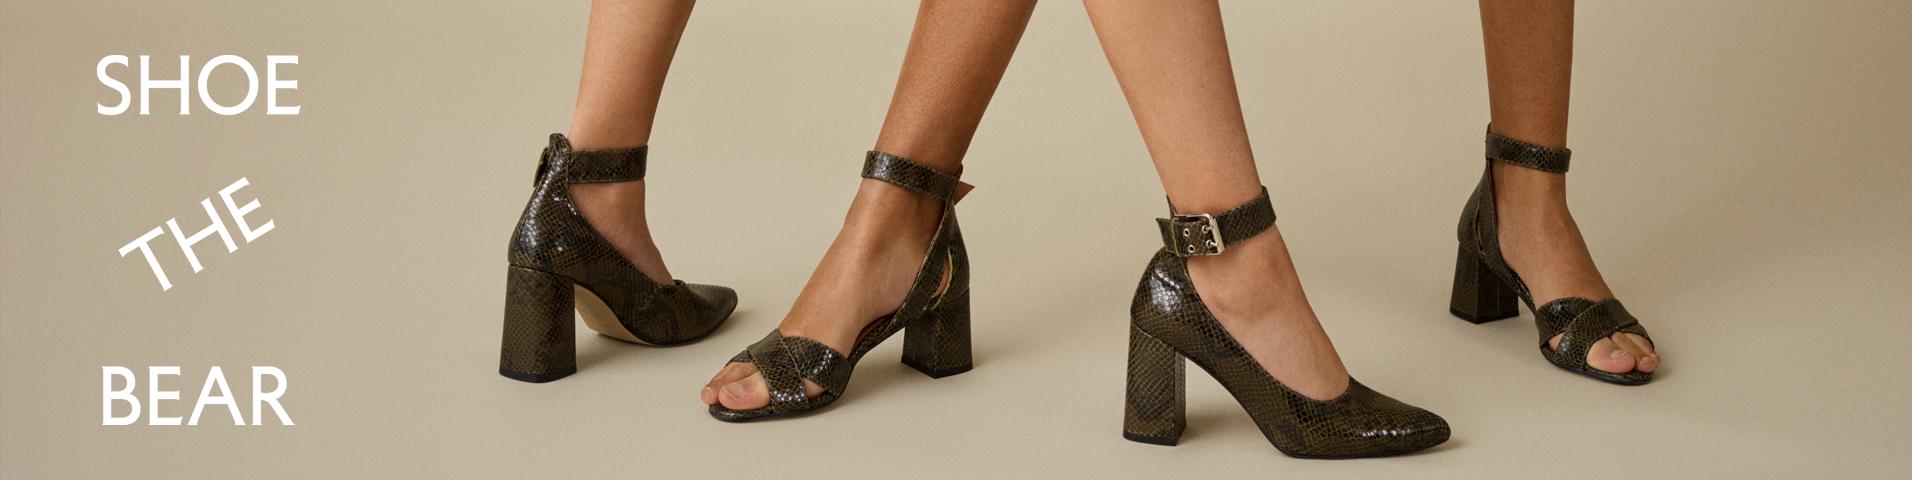 separation shoes 0fda7 372fc Shoe The Bear Schuhe online kaufen | Upgrade für deinen ...